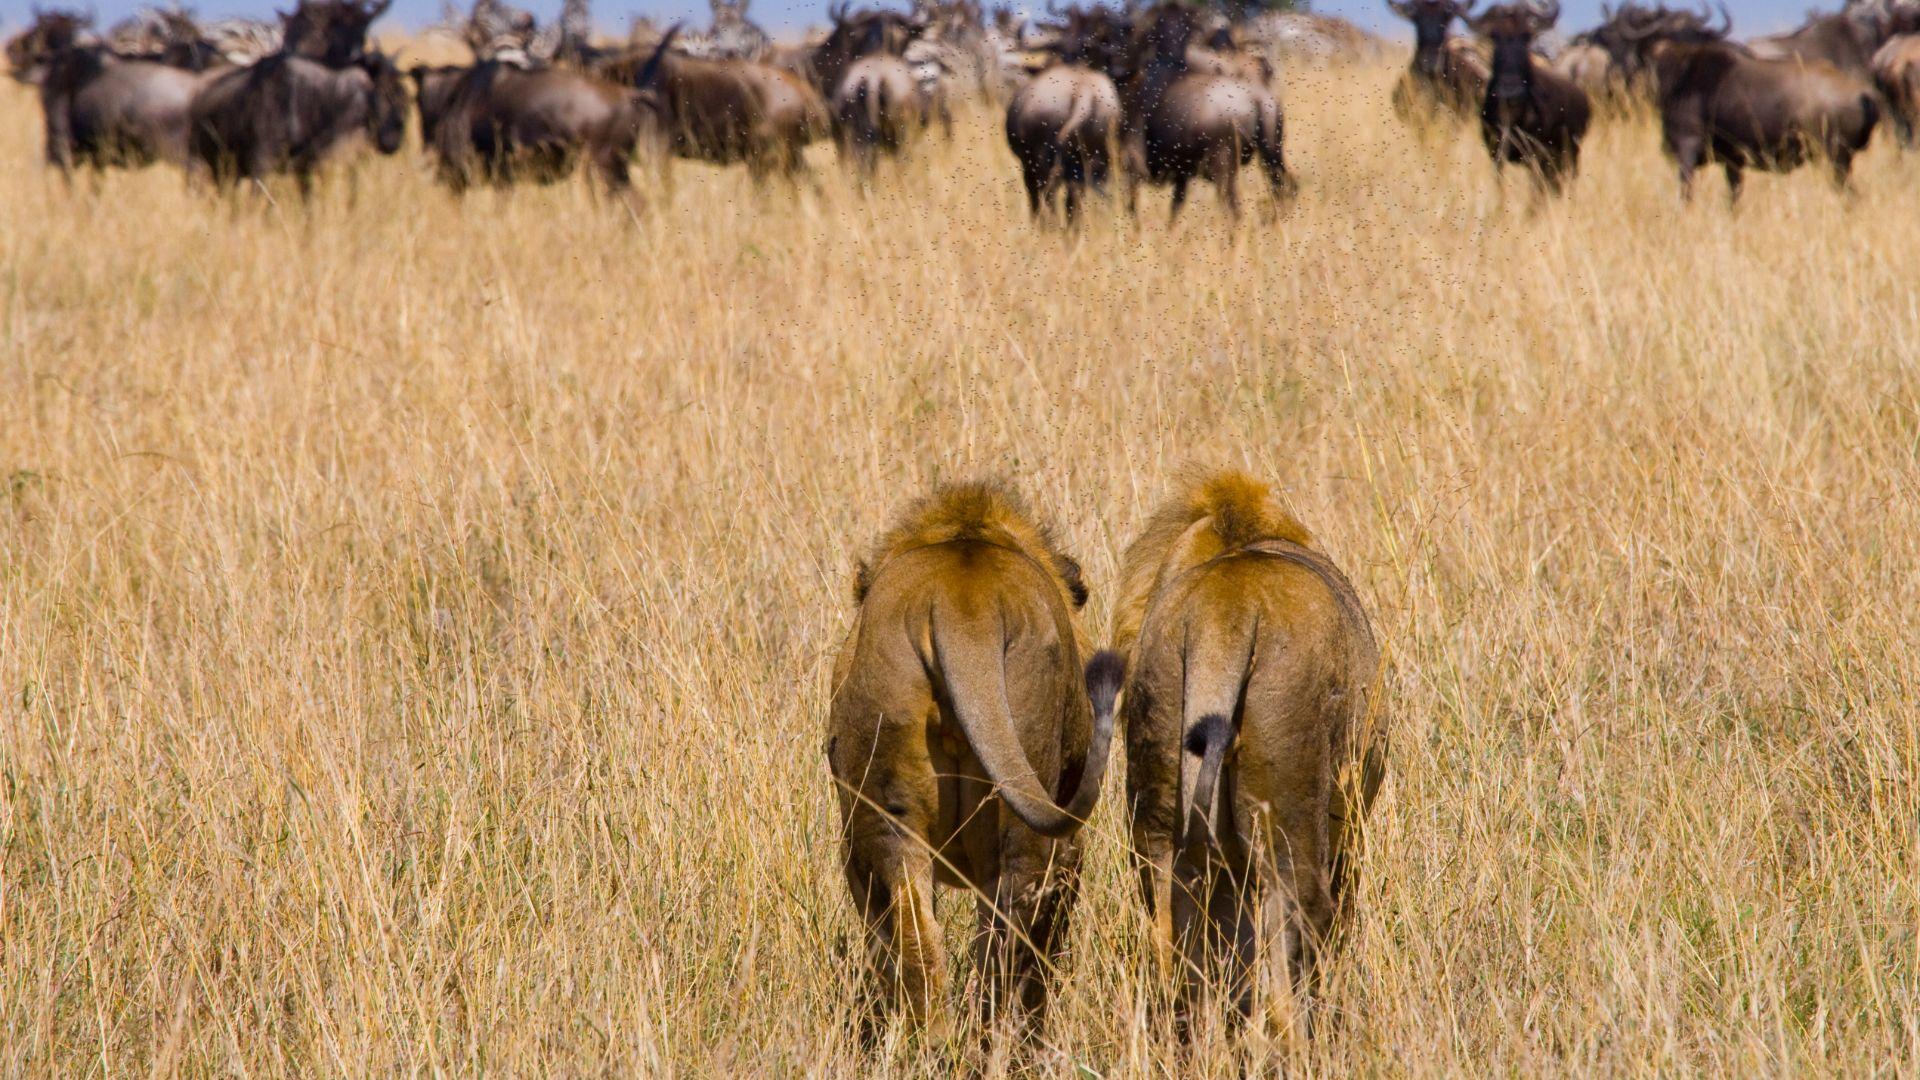 שני אריות שותפים בתוכנית עסקית